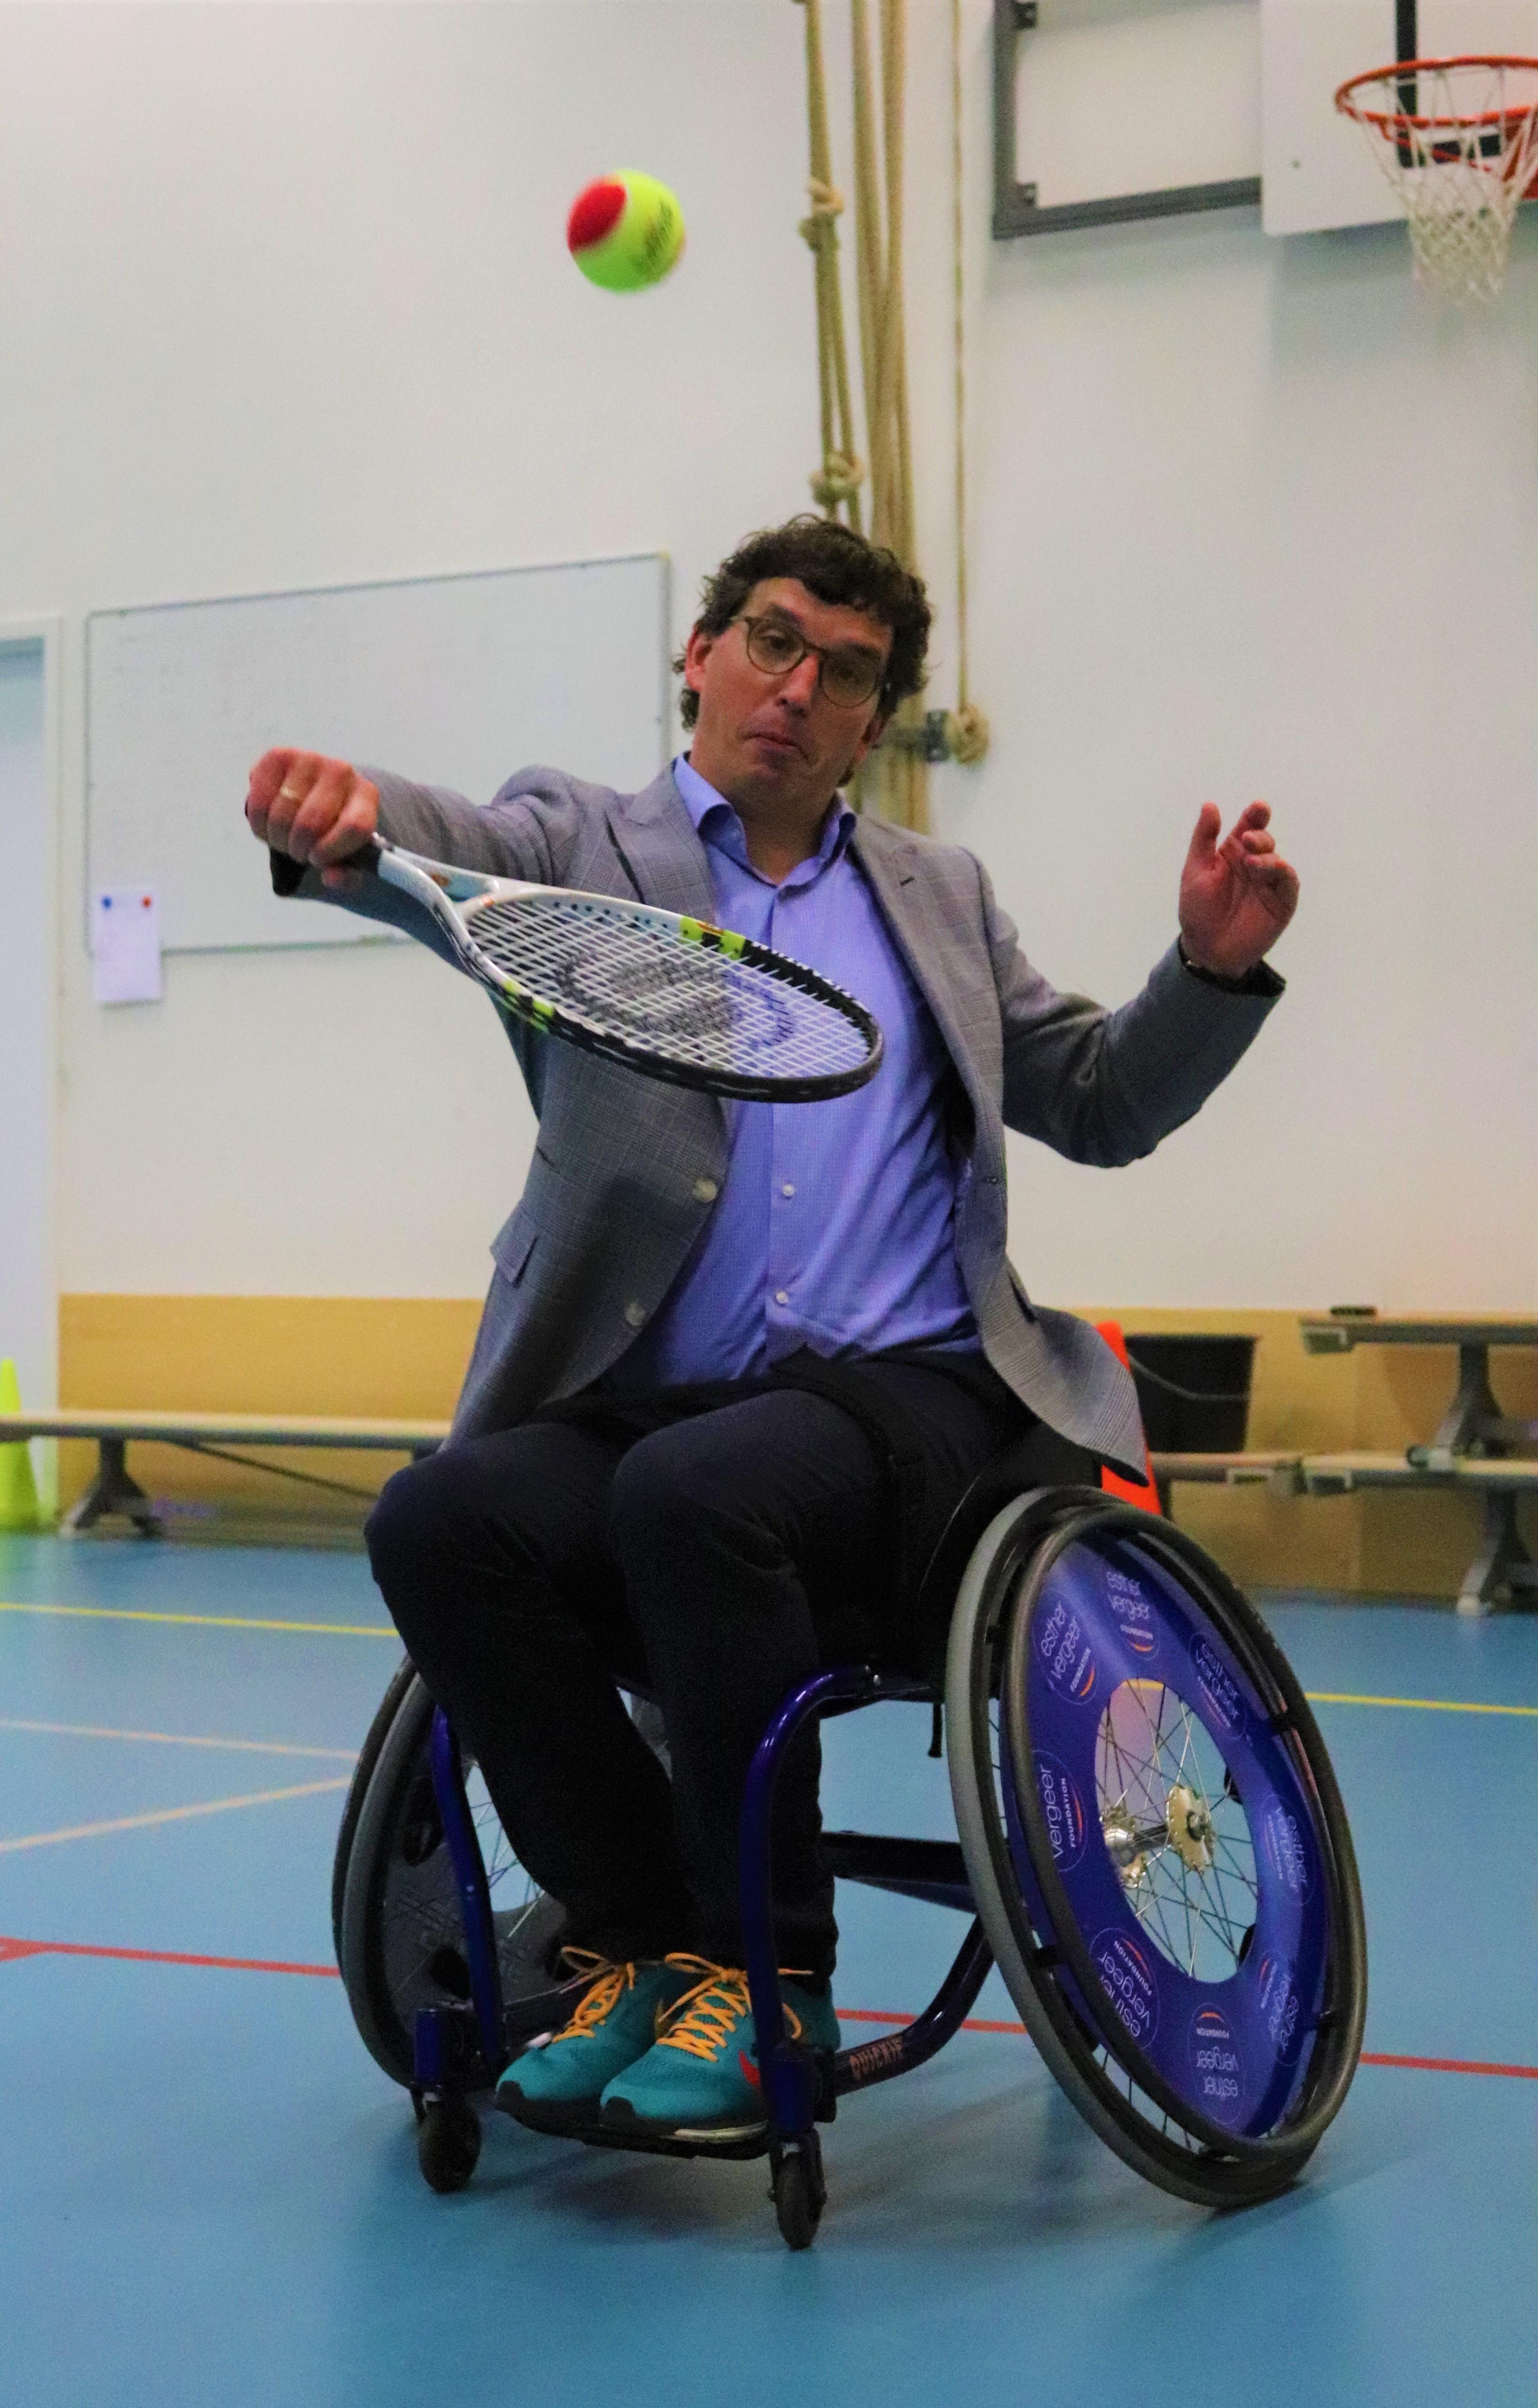 Wethouder bij rolstoeltennis